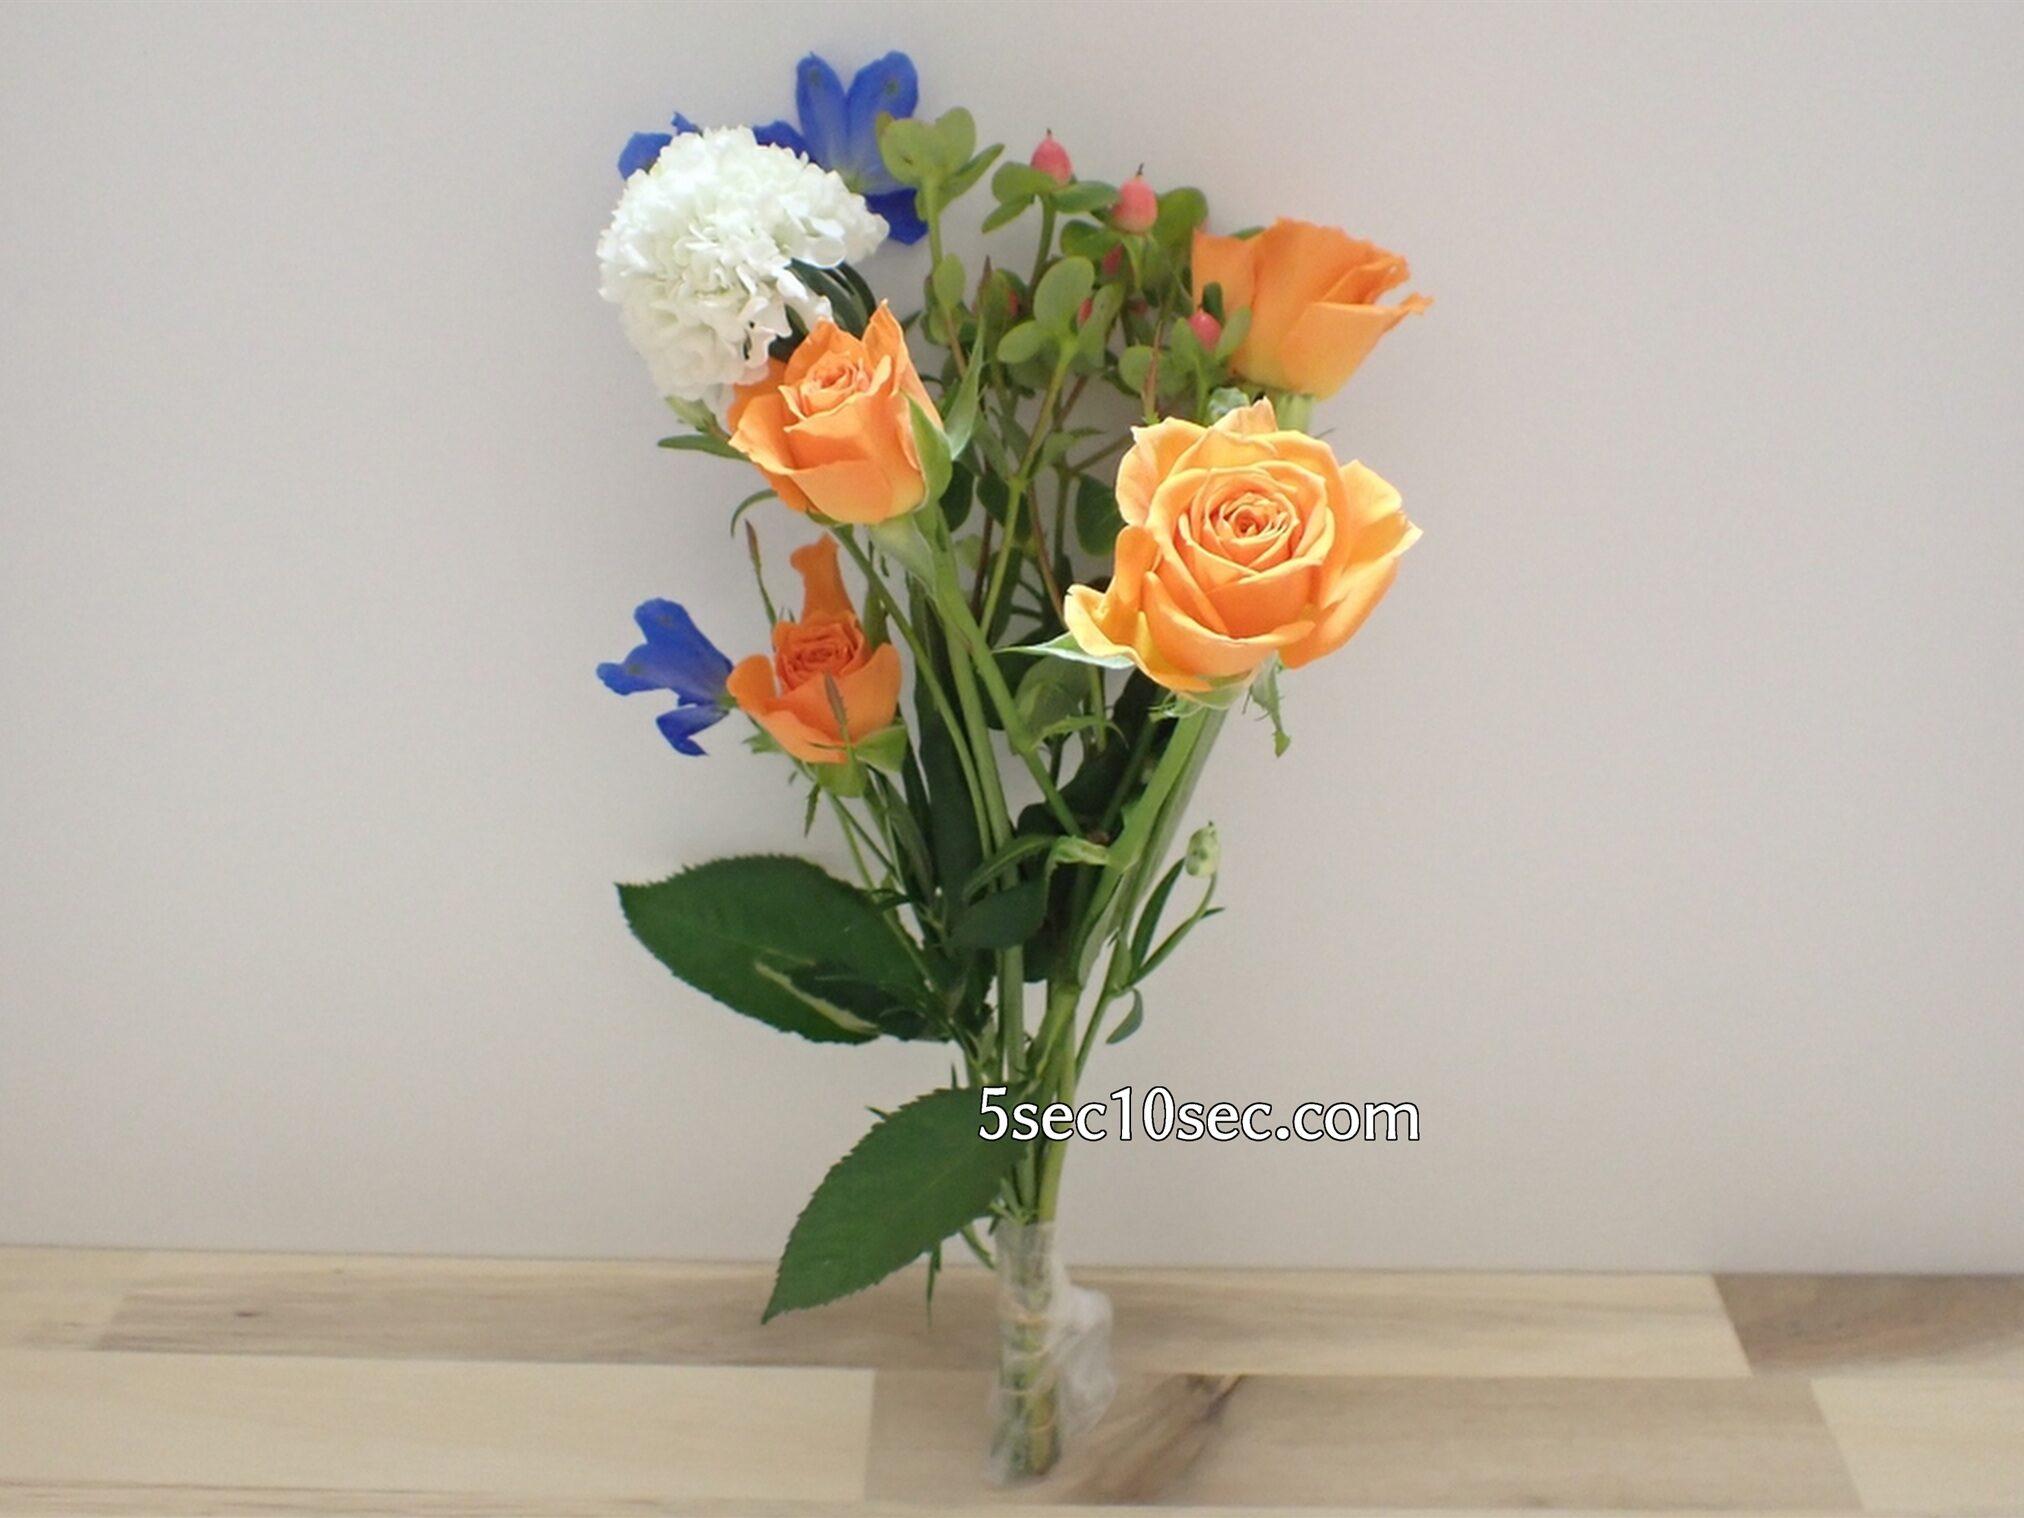 Bloomee LIFE(ブルーミーライフ)レギュラープラン 今週のお花 根元は保水剤で守られているので、その日にお手入れすれば時間を気にしなくて大丈夫です